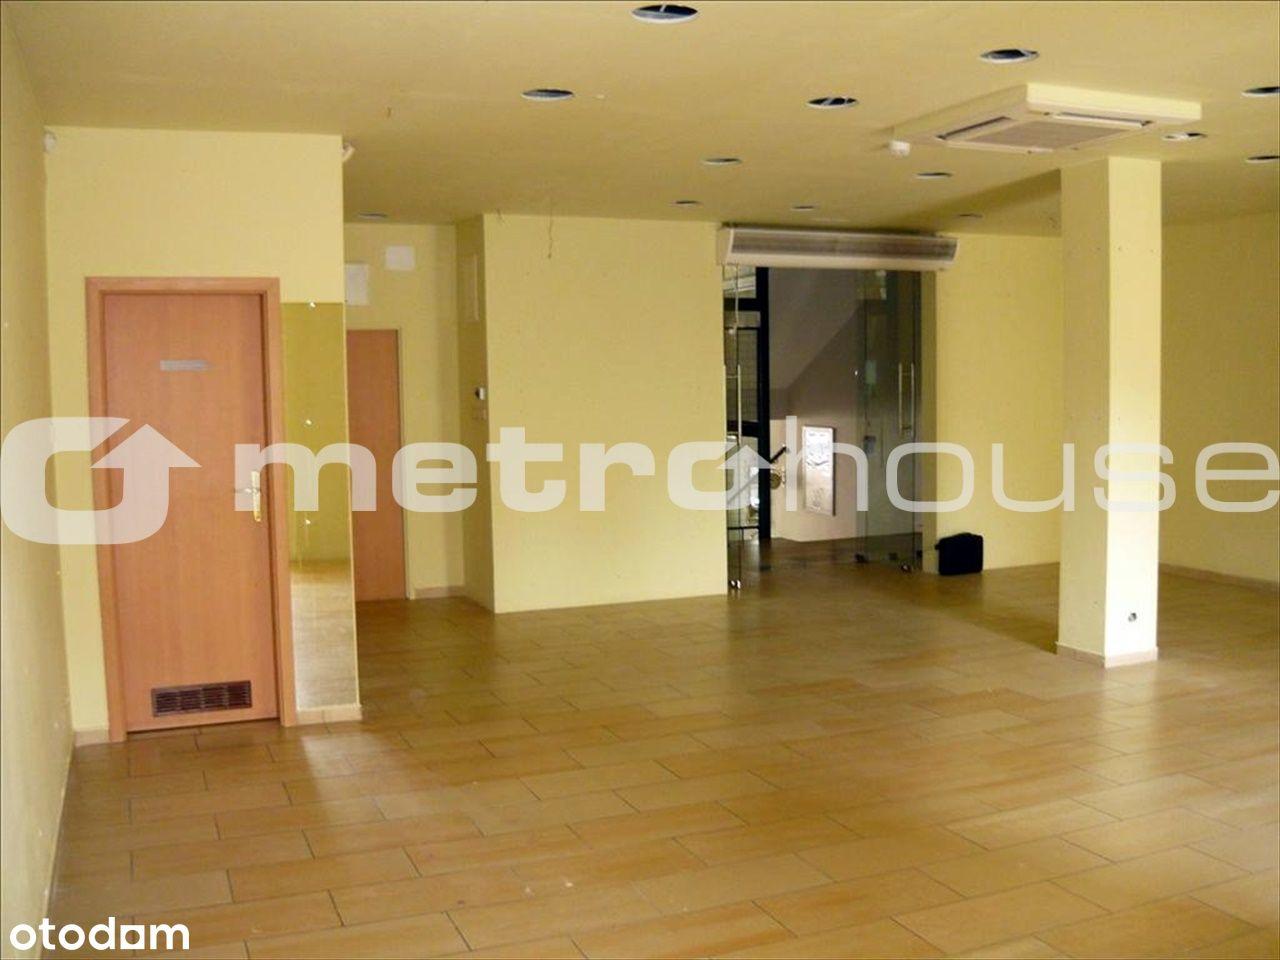 Lokal użytkowy, 215 m², Olsztyn